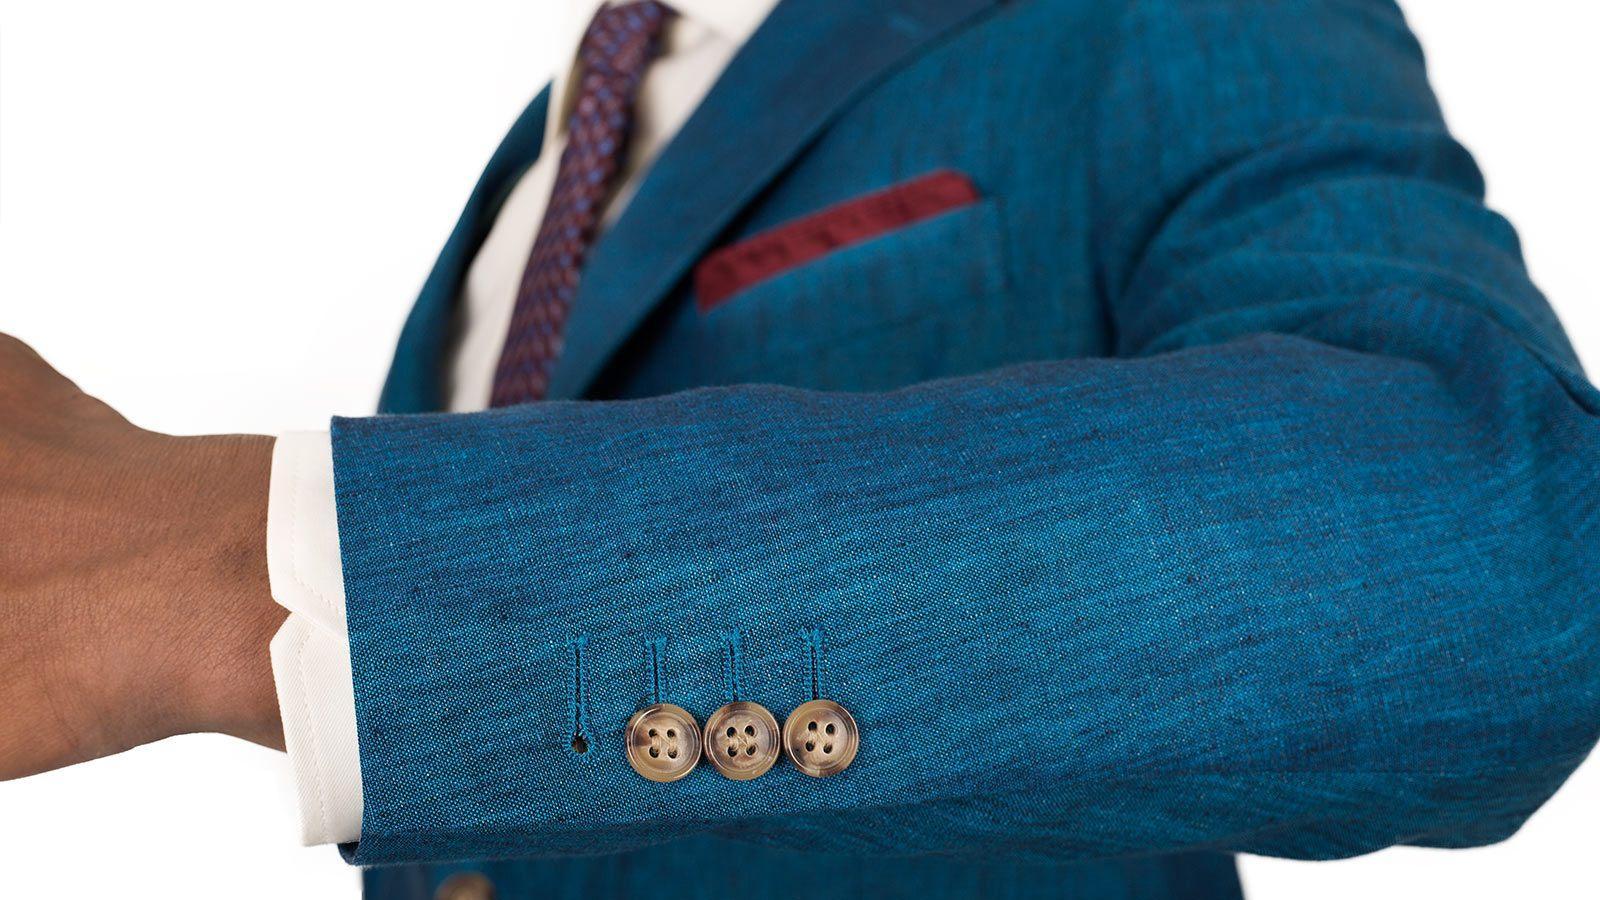 Teal Linen Suit - slider image 1